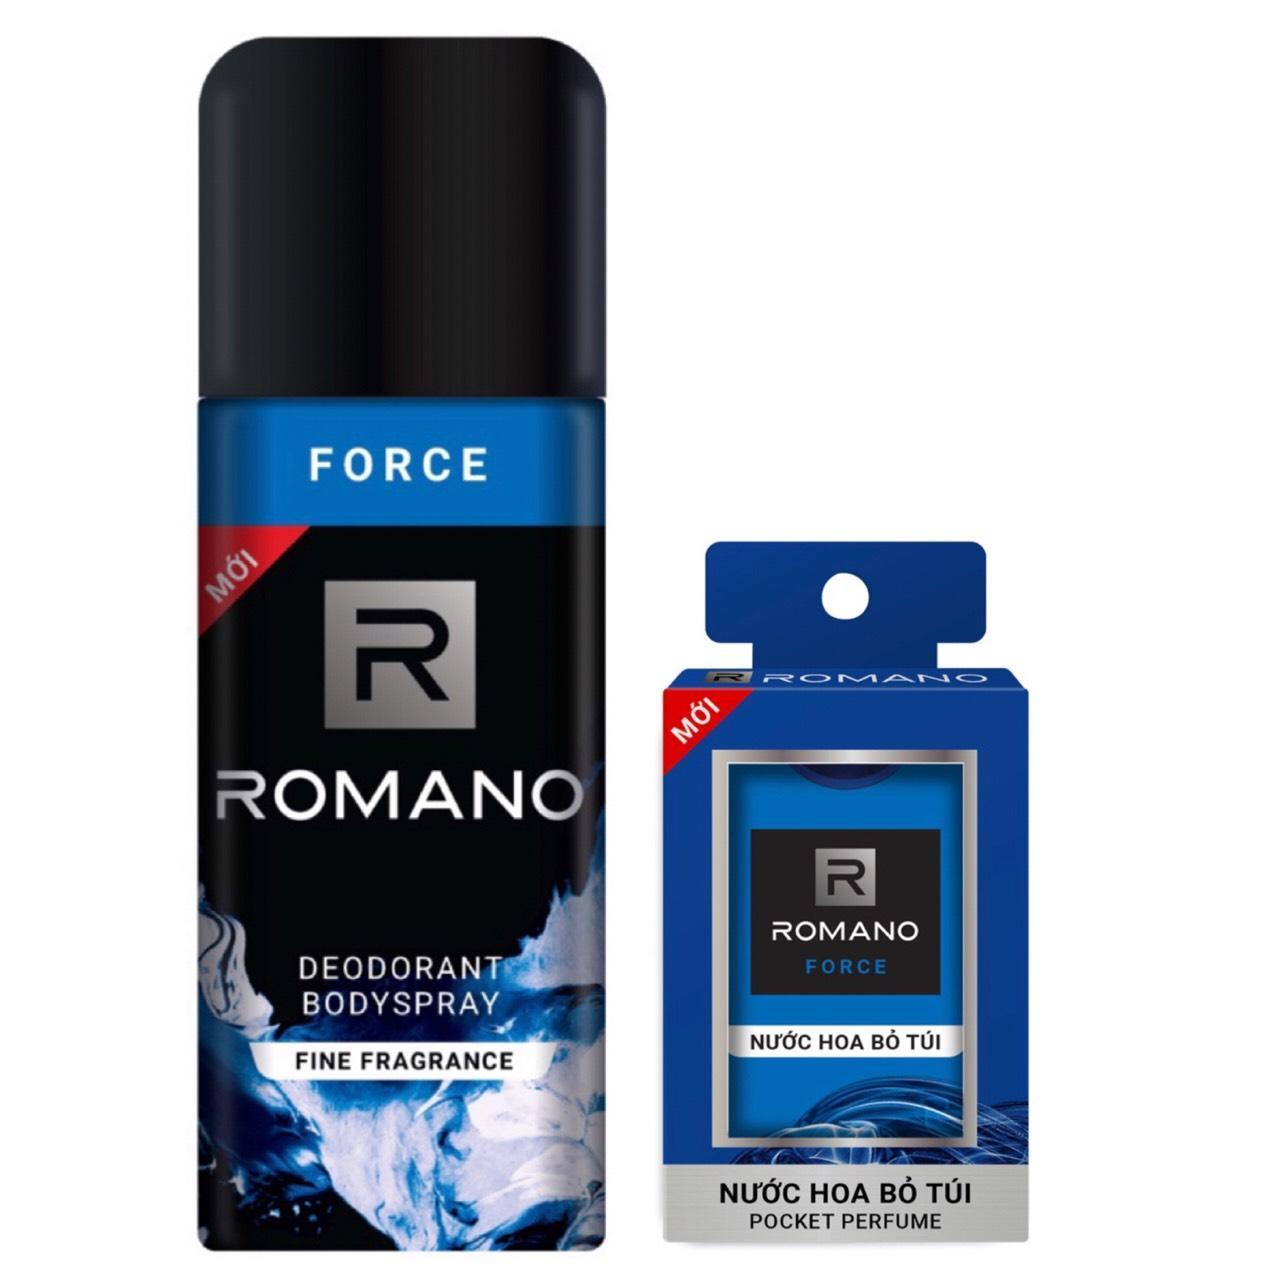 Combo xịt khử mùi toàn thân cho Nam Romano Force 150ml+Nước hoa bỏ túi Force 18ml cao cấp